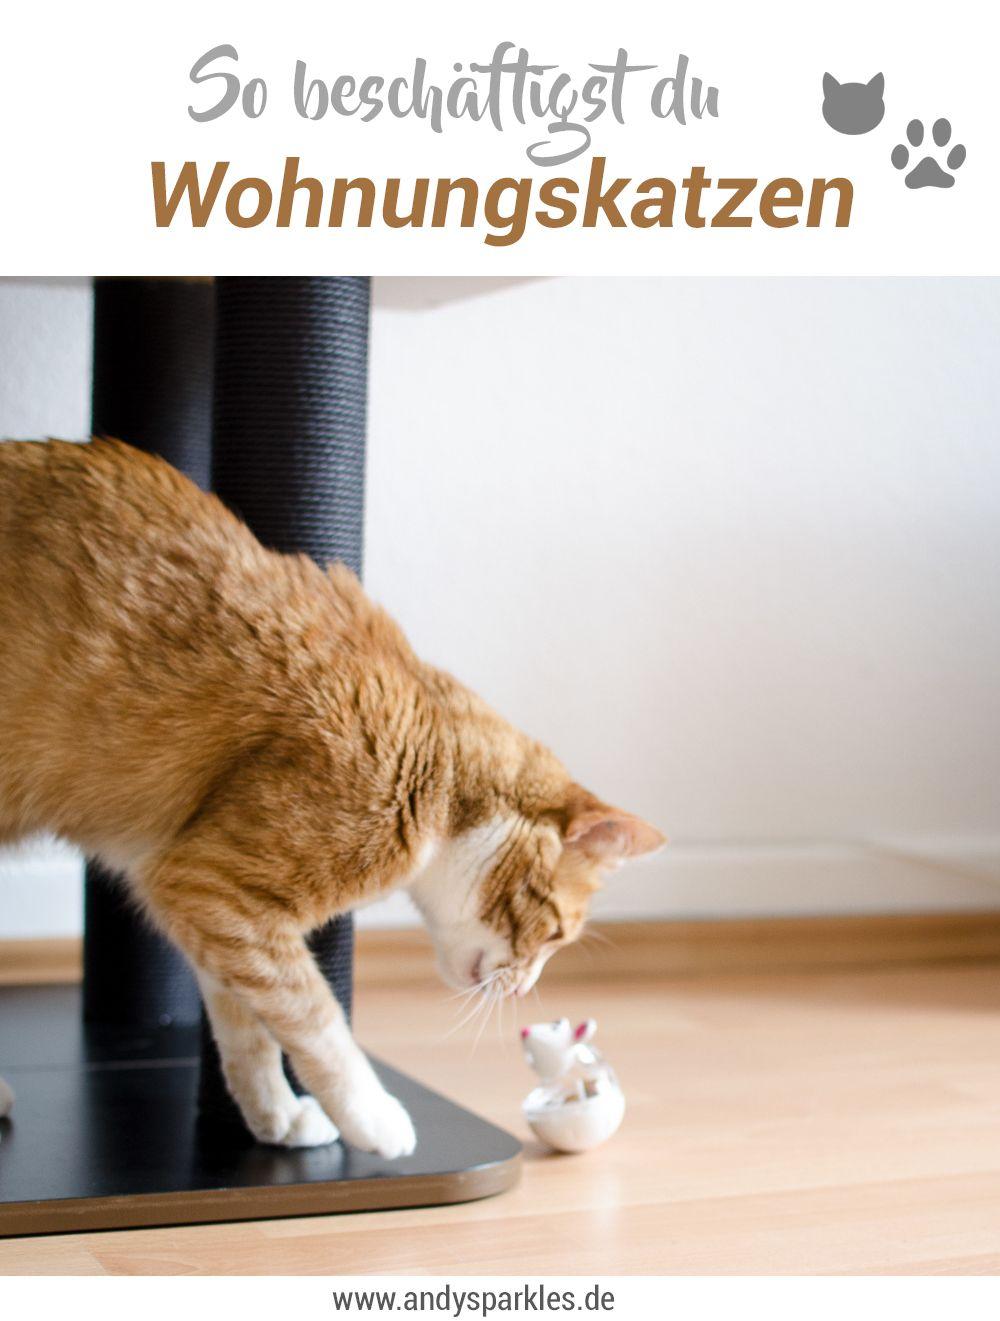 10 tipps f r wohnungskatzen der gute rat pinterest wohnungskatzen katzen hacks und katzen. Black Bedroom Furniture Sets. Home Design Ideas